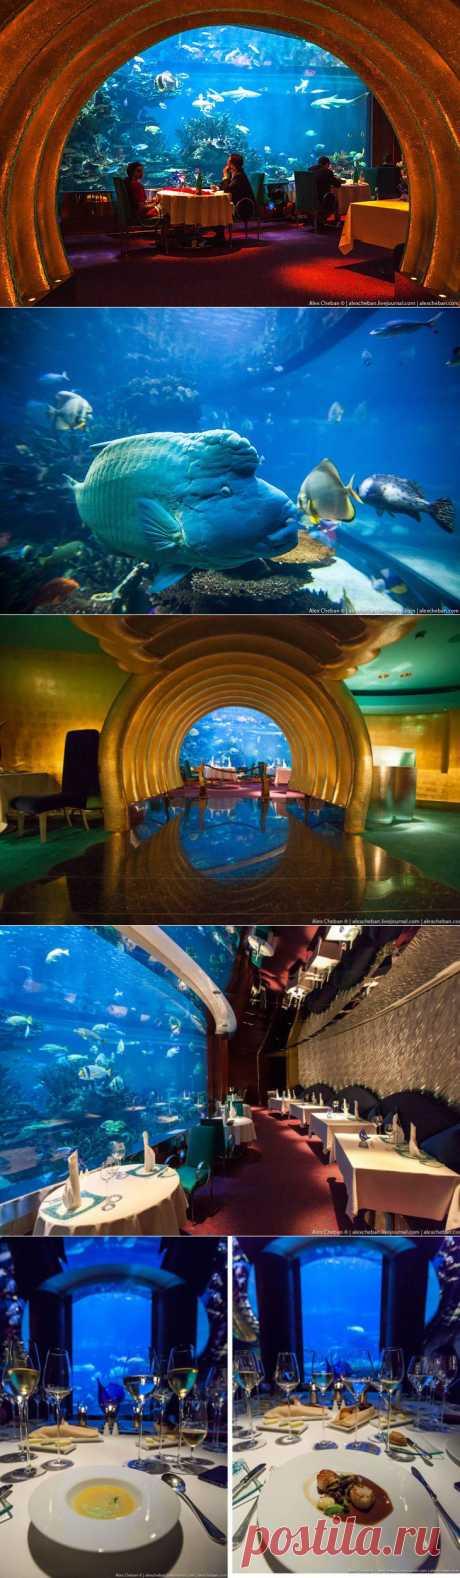 Ресторан под водой / Туристический спутник